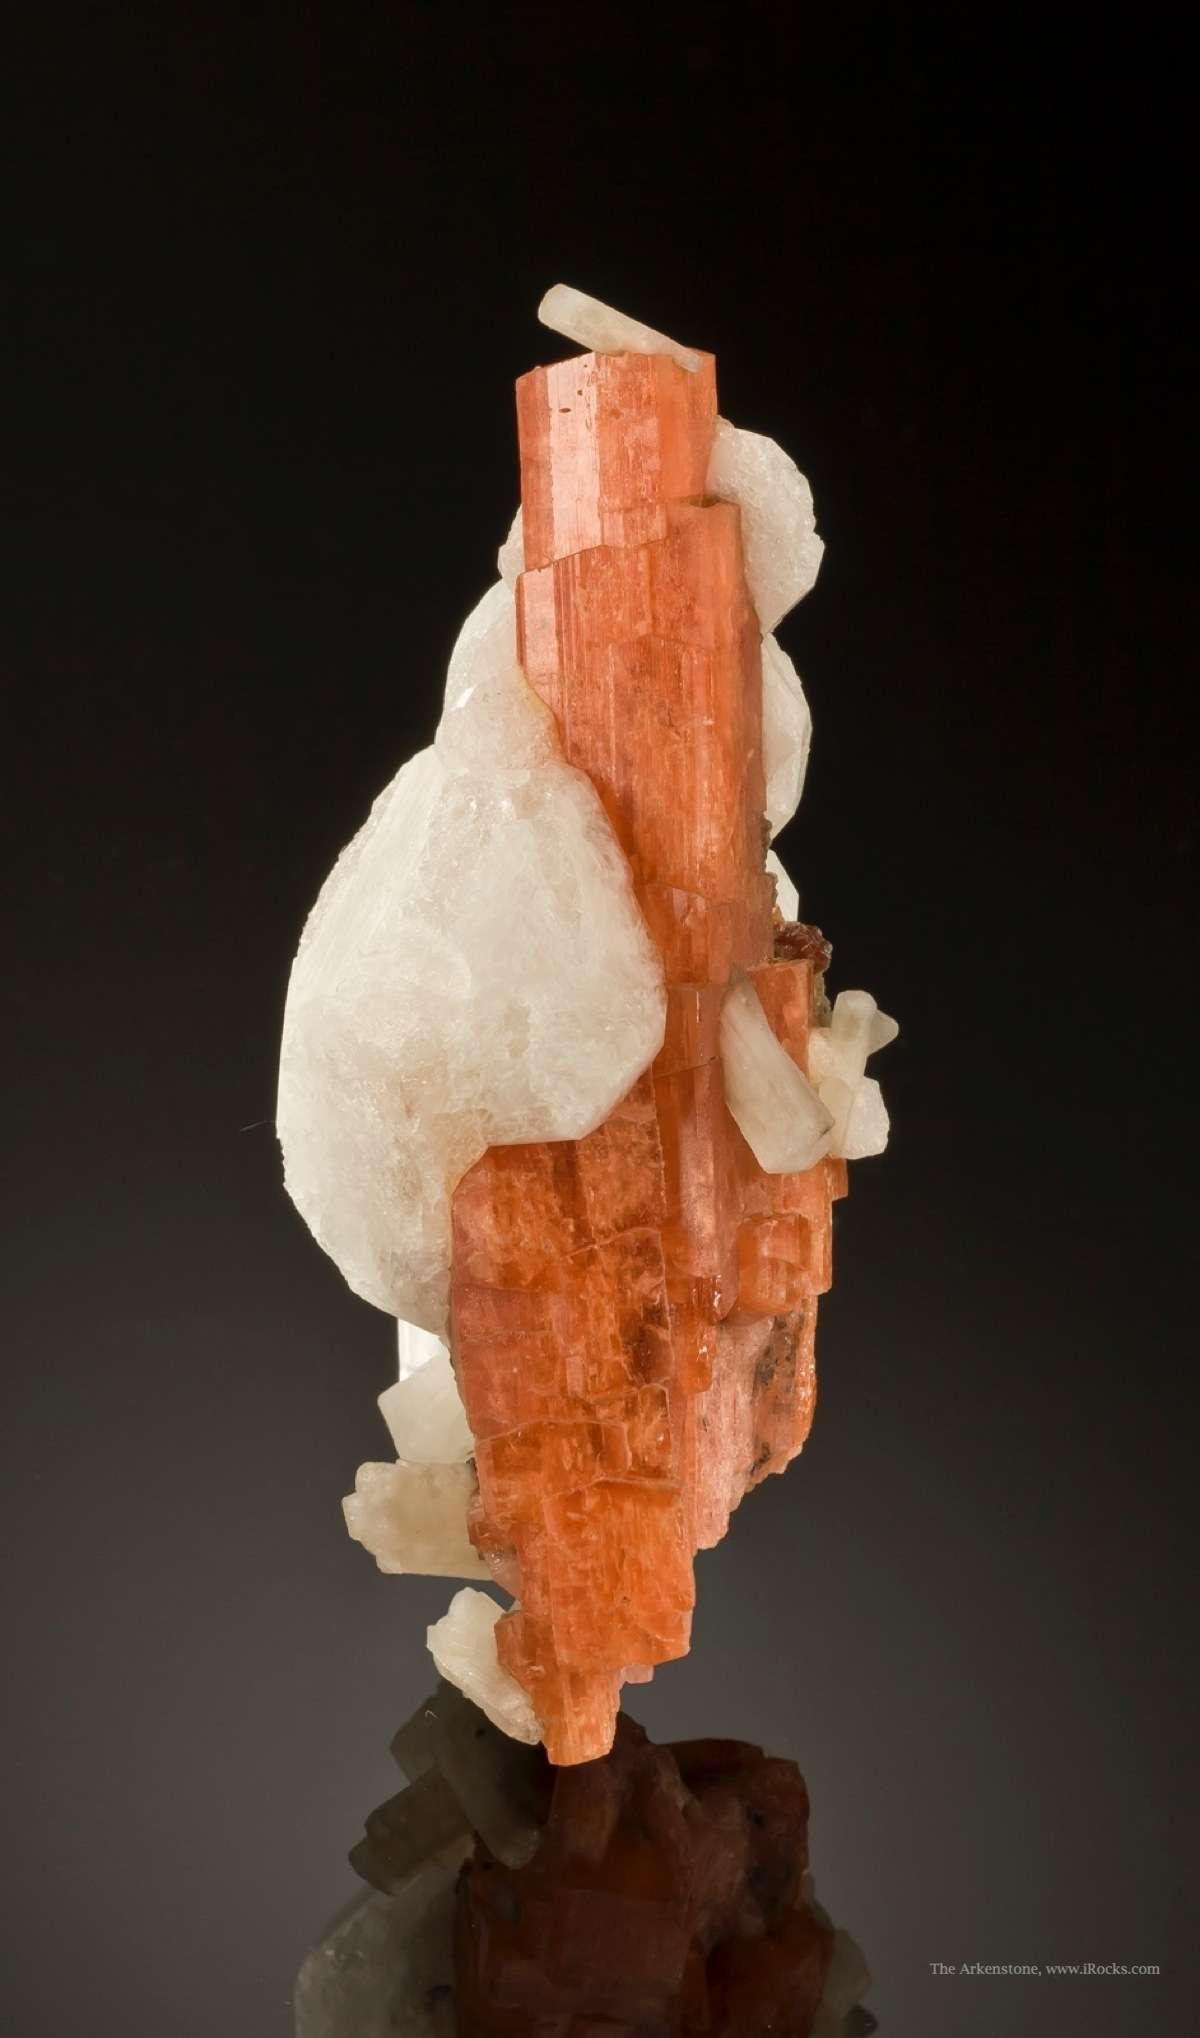 Serandite occurs good crystals classic Canadian locale particular